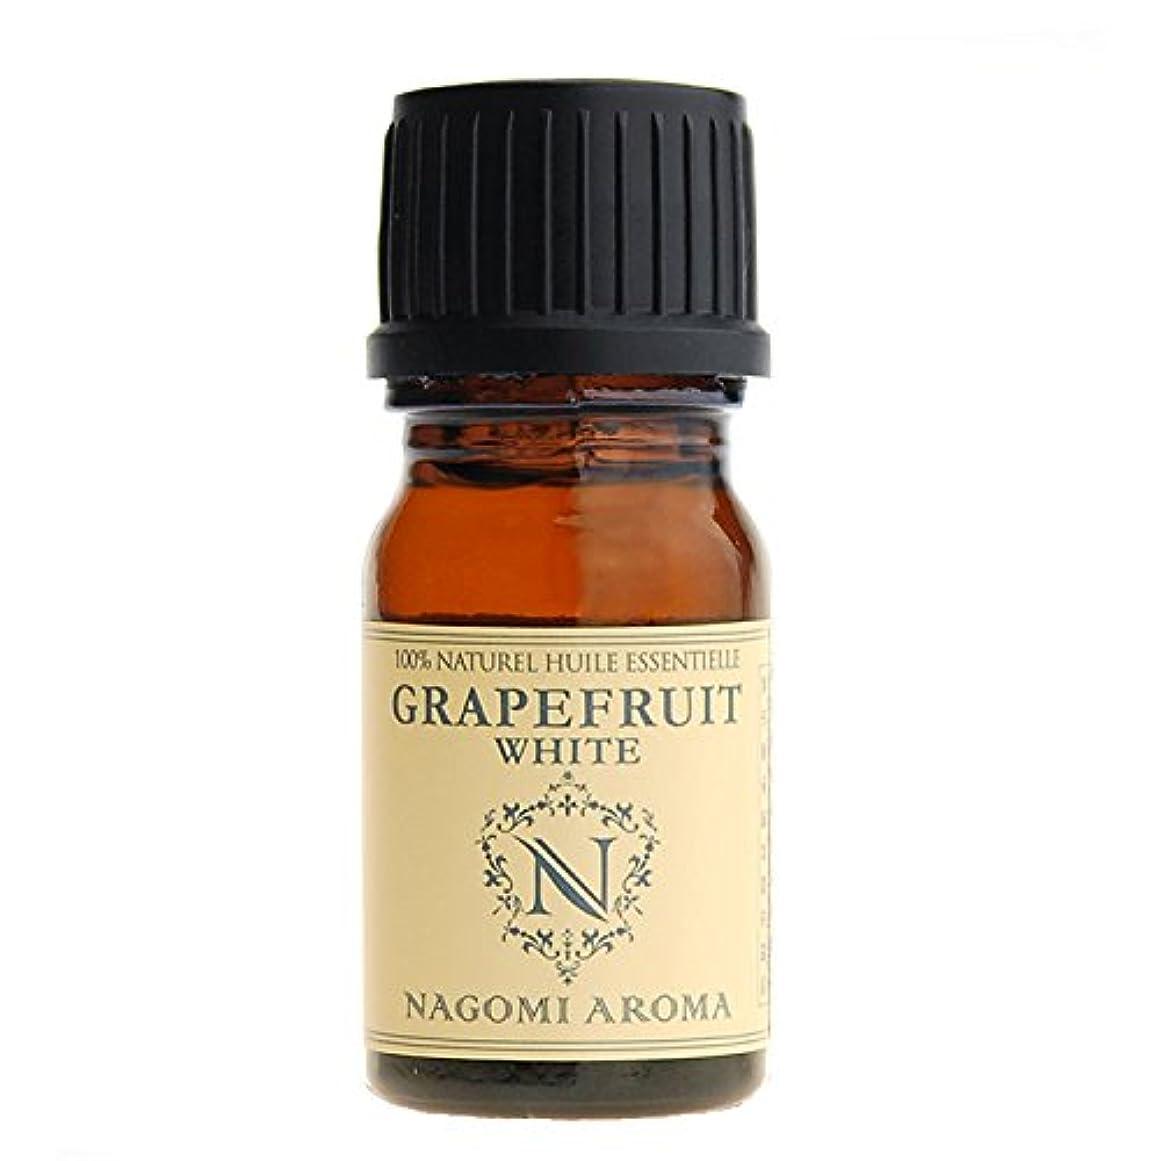 【AEAJ認定表示基準認定精油】NAGOMI PURE グレープフルーツ?ホワイト 5ml 【エッセンシャルオイル】【精油】【アロマオイル】|CONVOILs